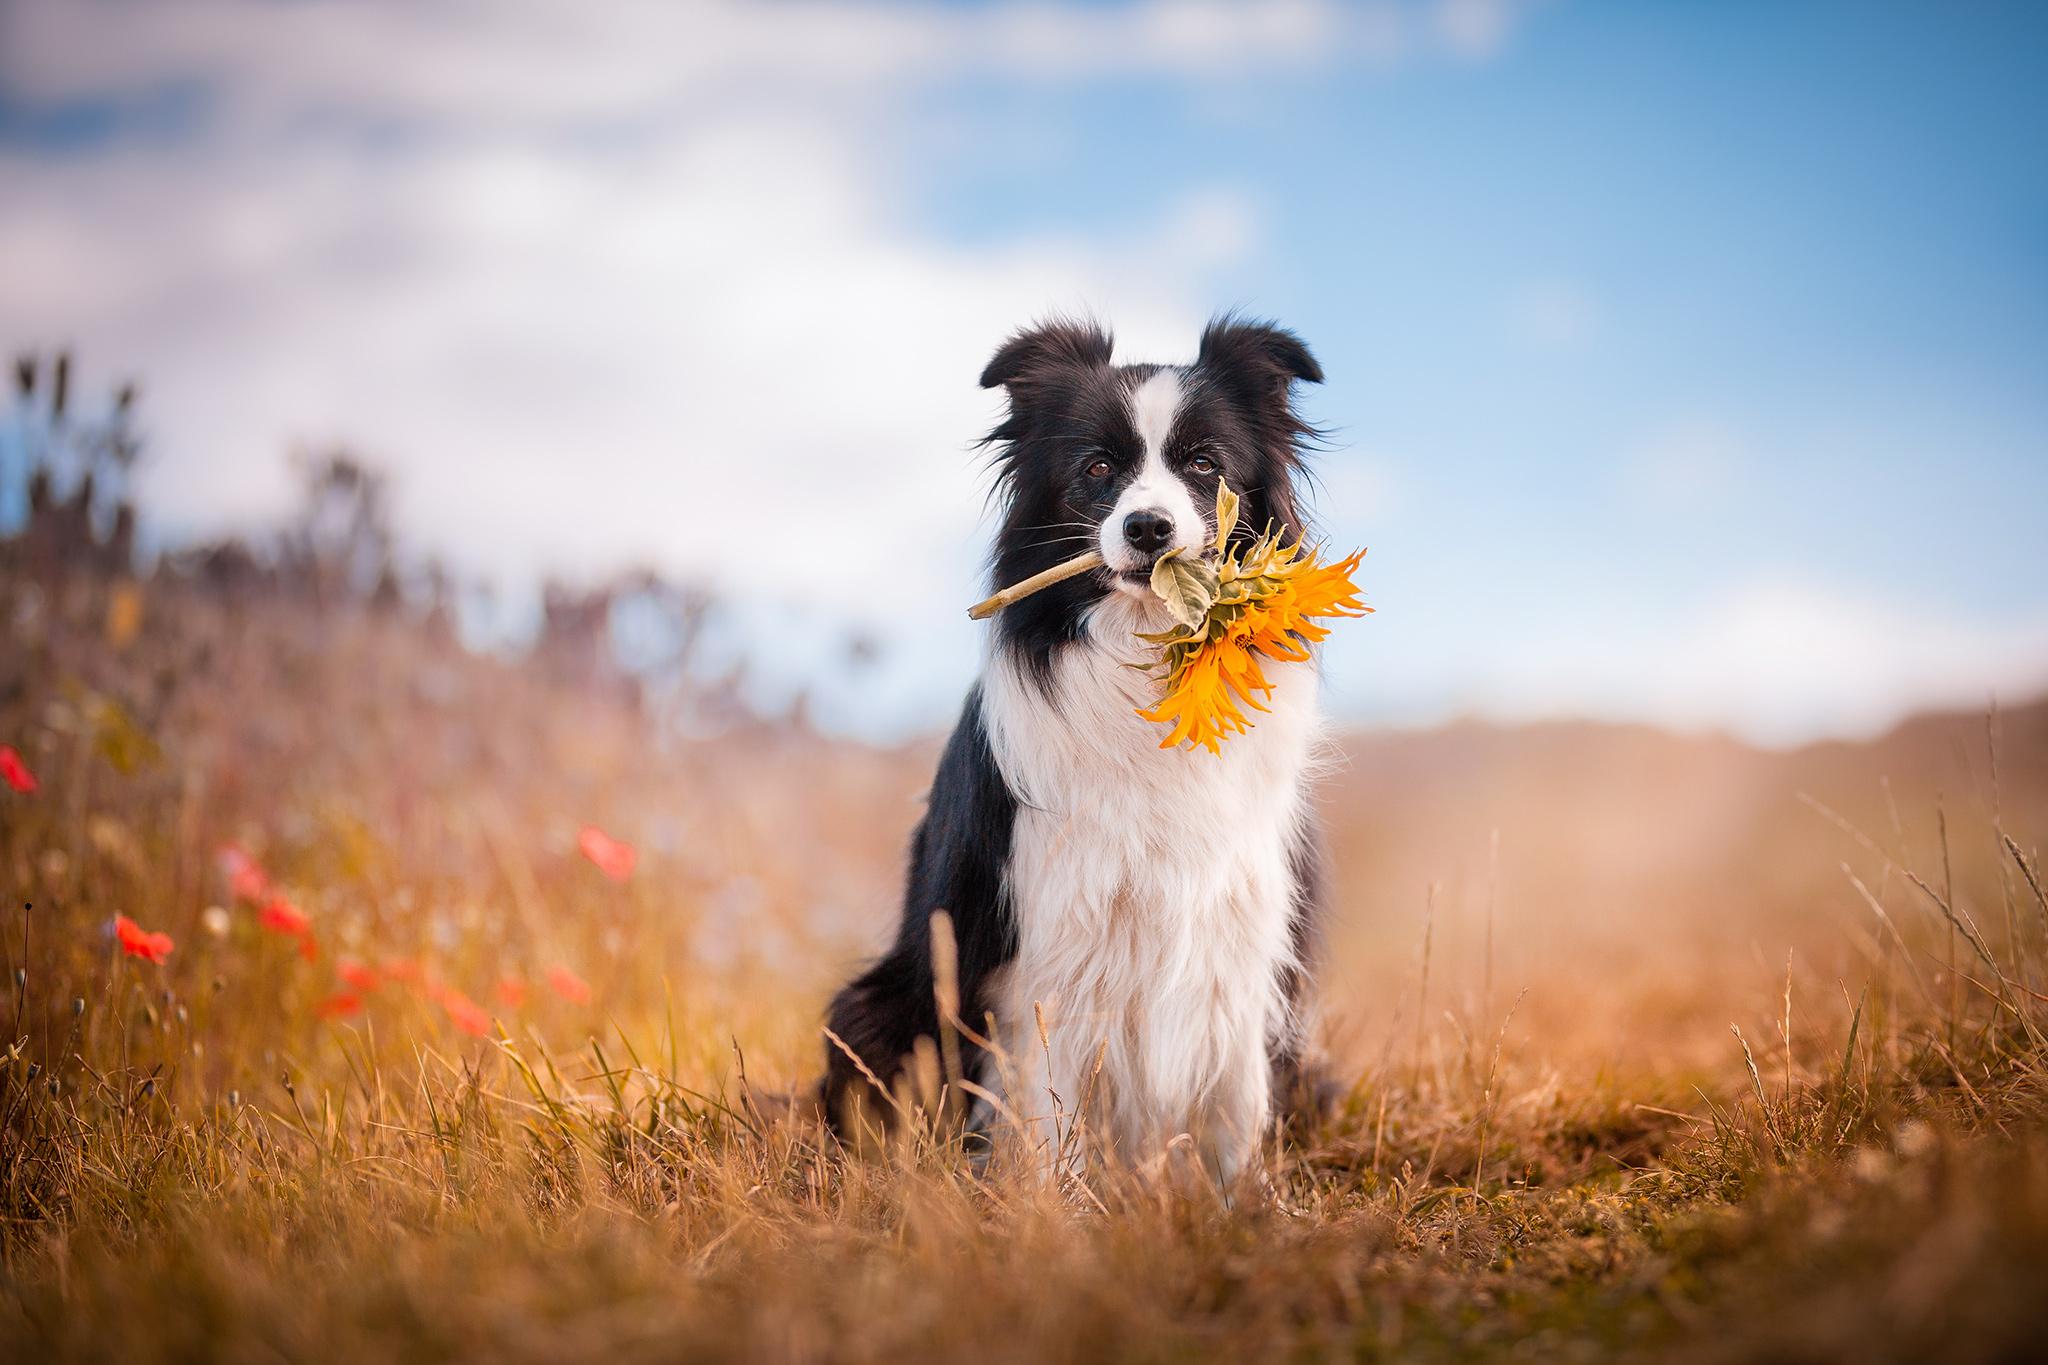 Border Collie Hündin hält eine Sonnenblume in der Schnauze